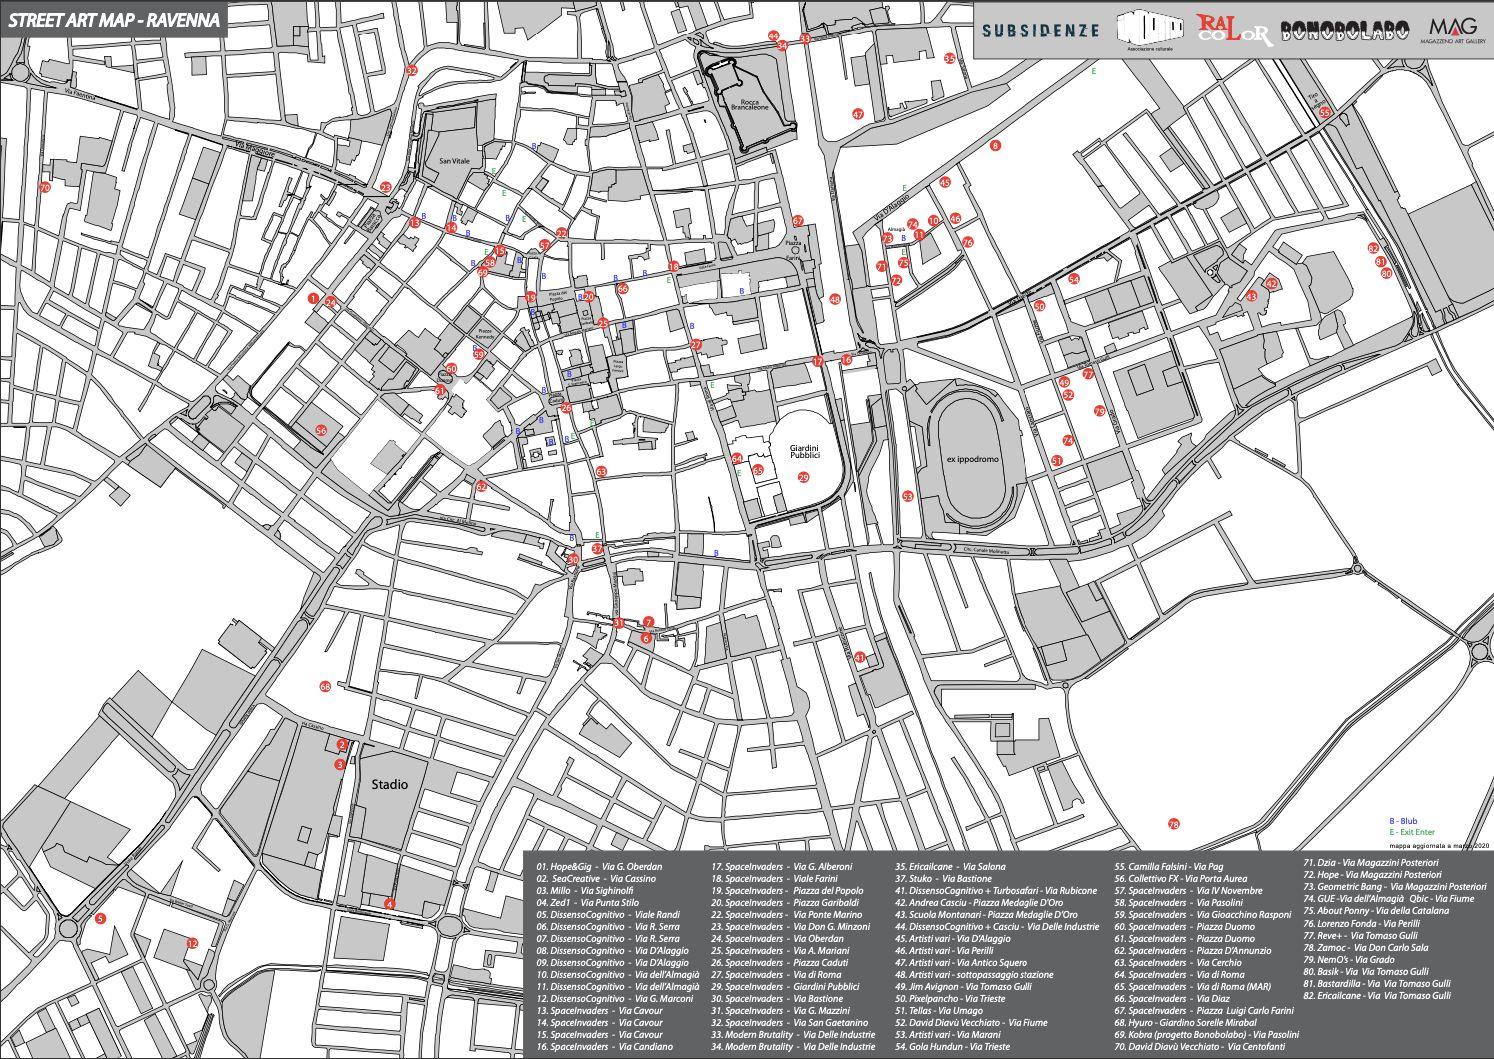 Street Art a Ravenna - Mappa Ufficiale